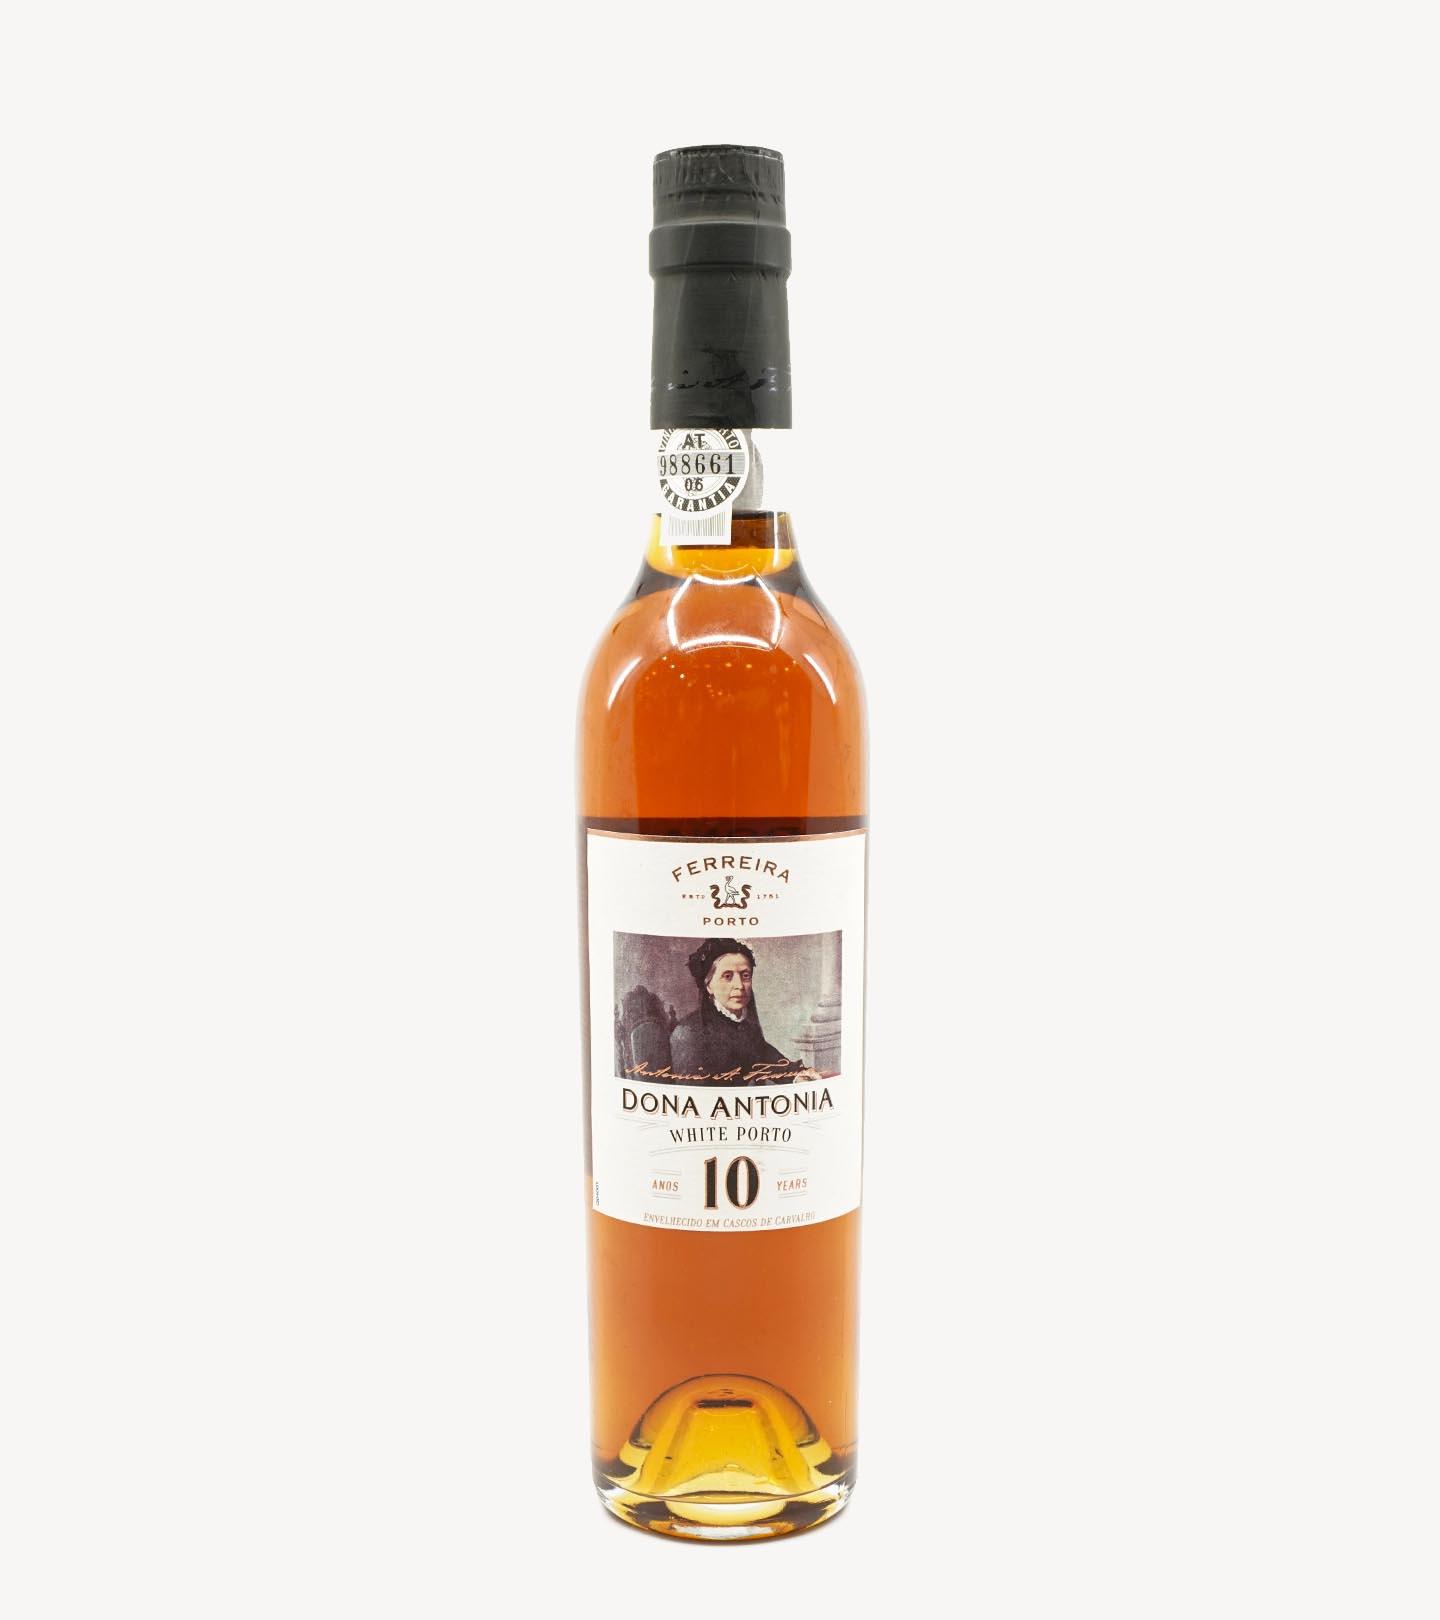 Vinho do Porto Ferreira Dona Antónia Branco 10 Anos 37.5cl